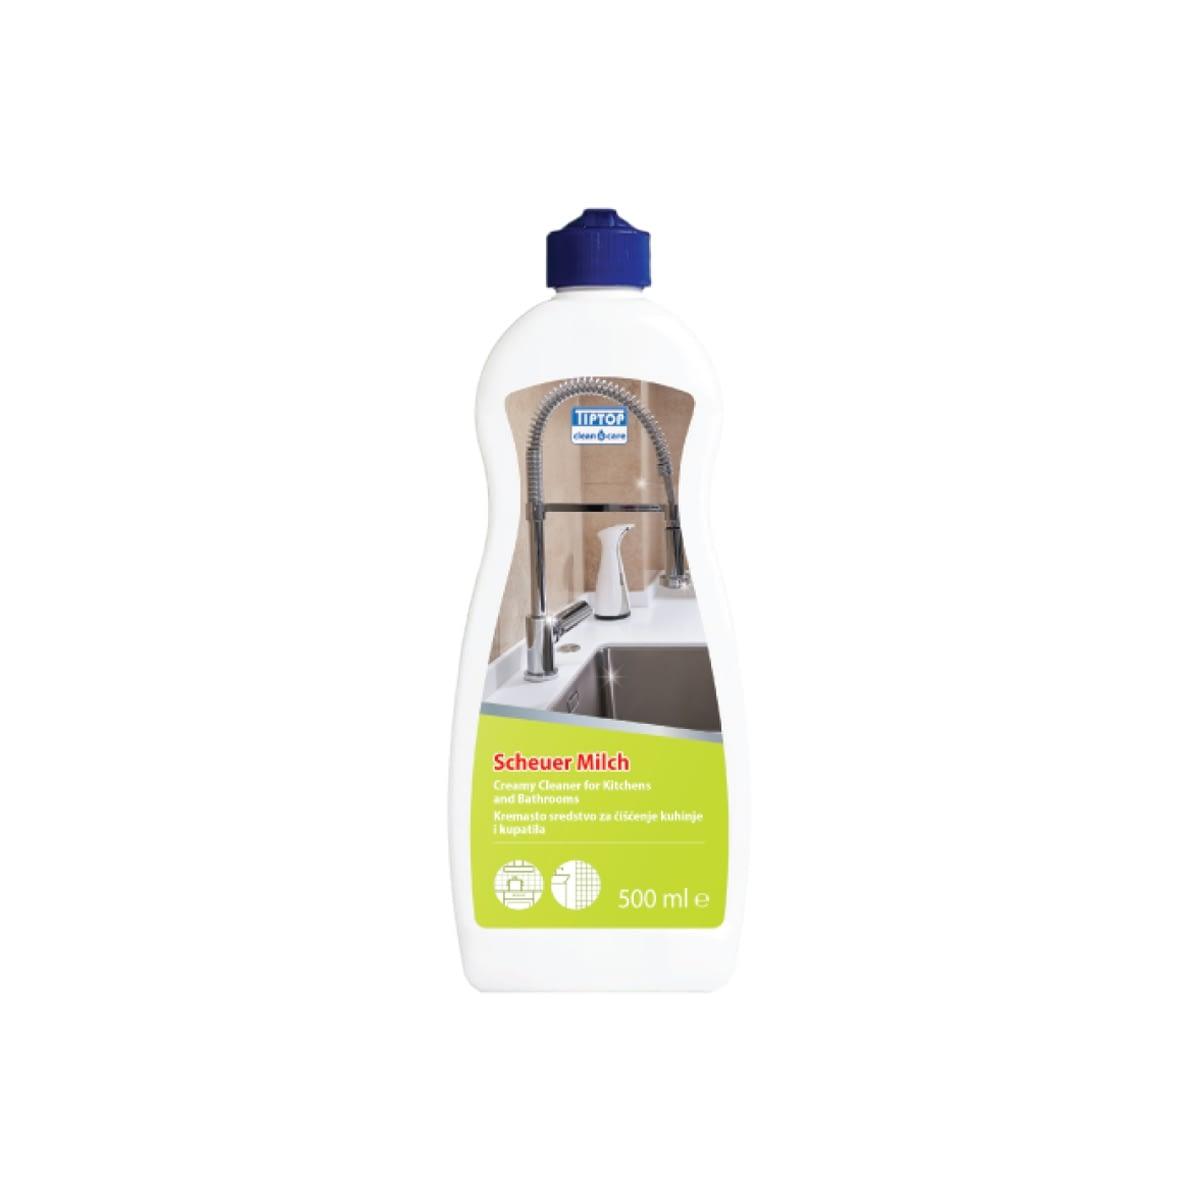 TTC Kremasto sredstvo za čišćenje kuhinje i kupatila. 500ml